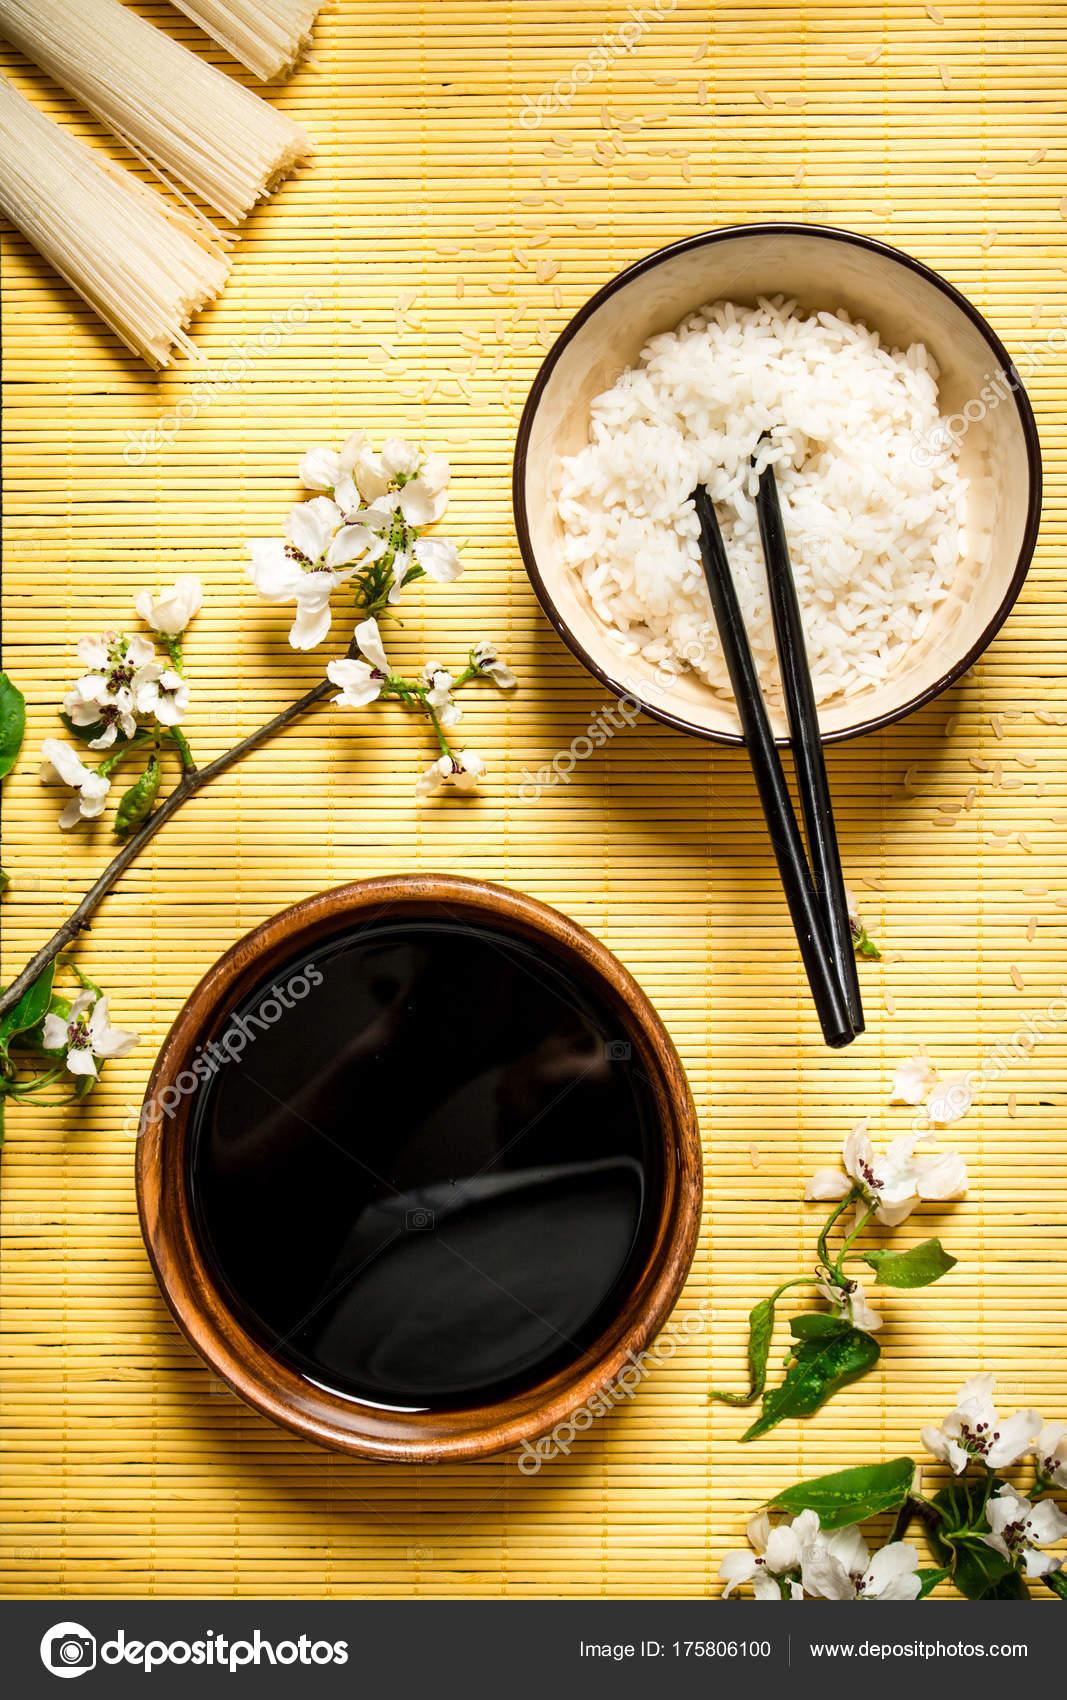 Рисовая Диета Можно Соевый Соус. Соевый соус при похудении - польза и вред, можно ли есть на диете и заменять соль в блюдах